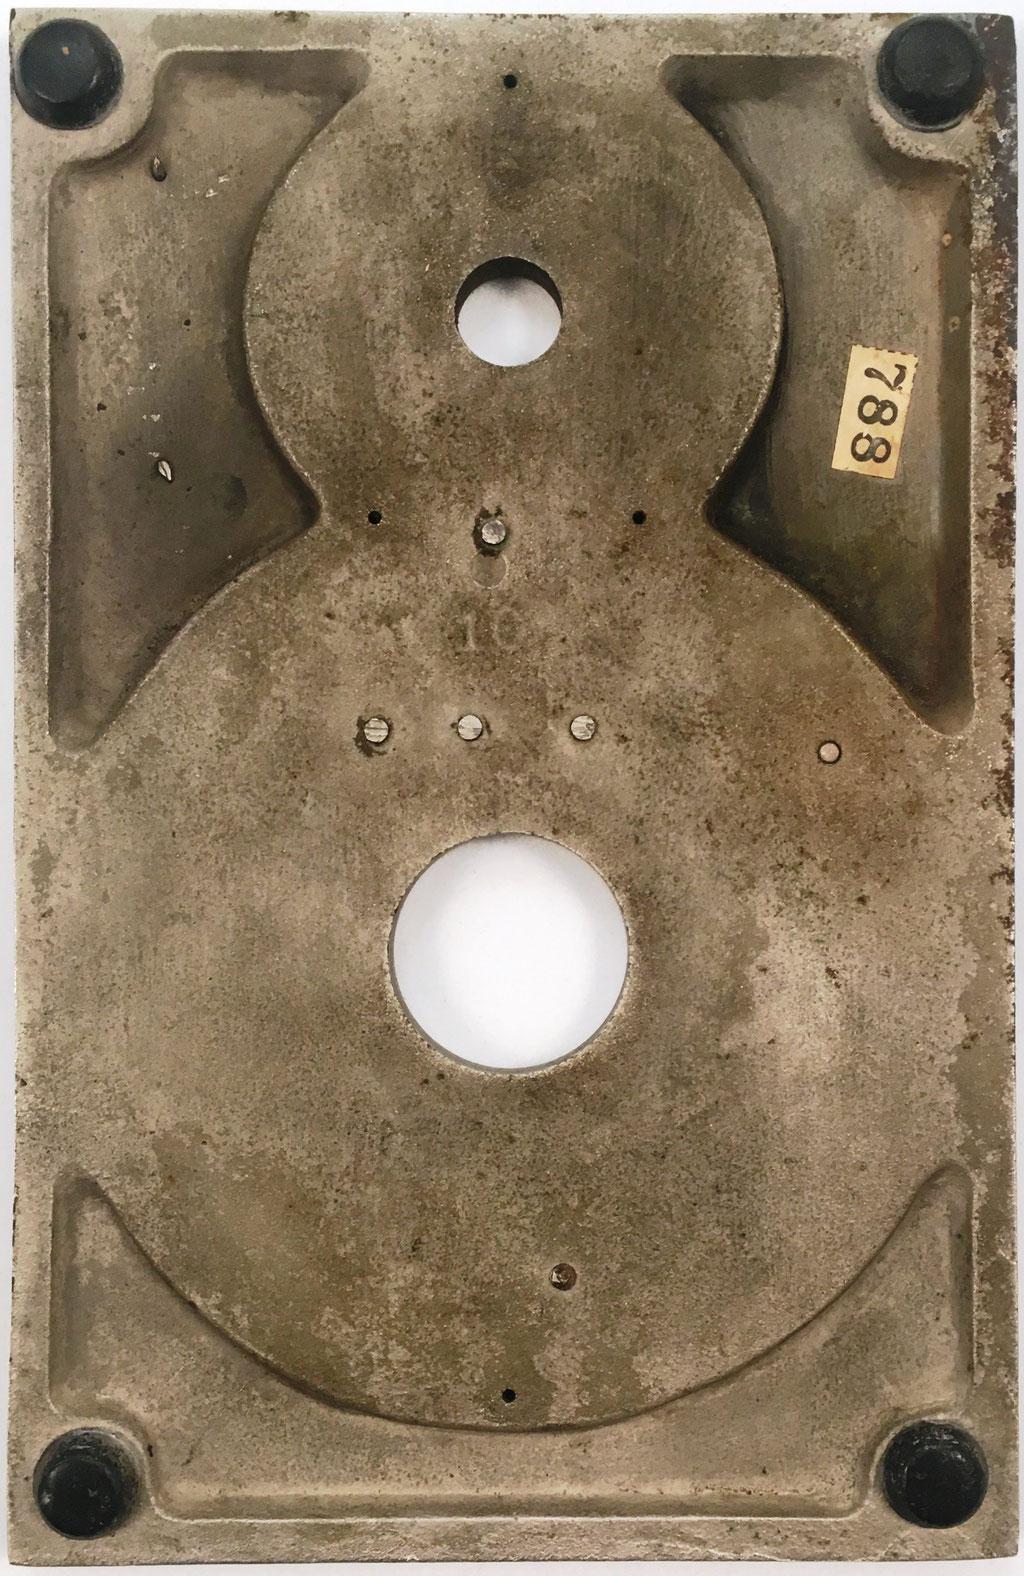 Reverso del aparato HERRING, con el número de serie s/n 10